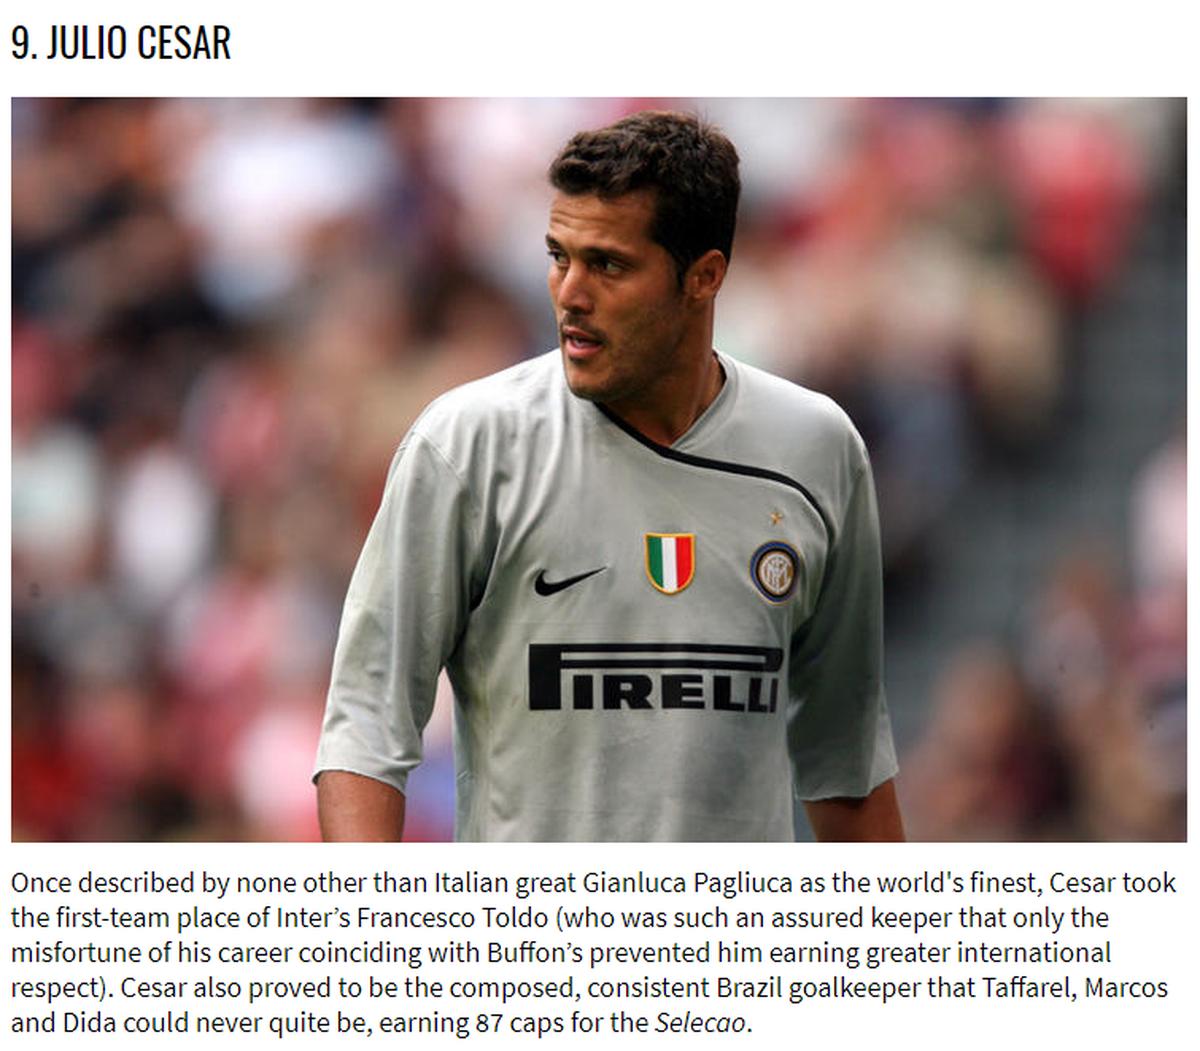 Revista inglesa inclui Julio César em top 10 de melhores goleiros do século  XXI  c2a5792890a91